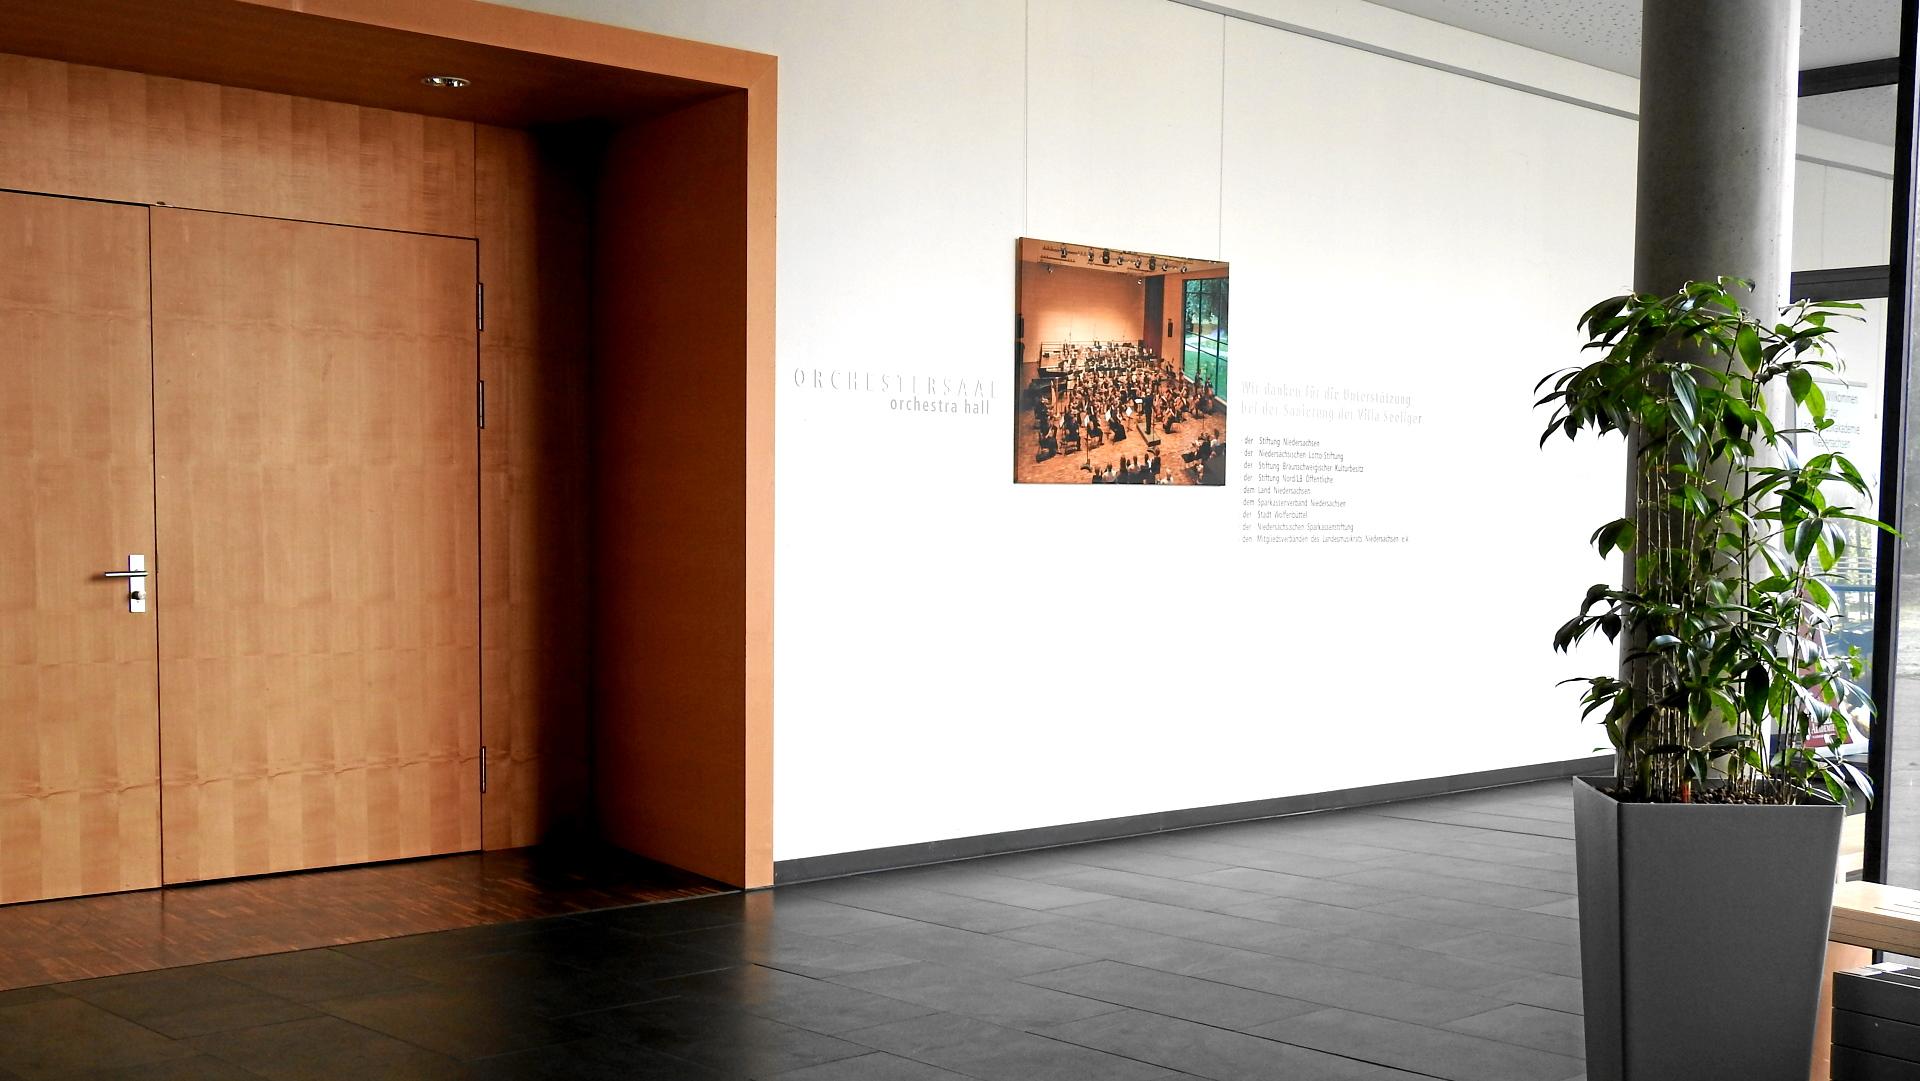 Probenfahrt in die Landesakademie Wolfenbüttel